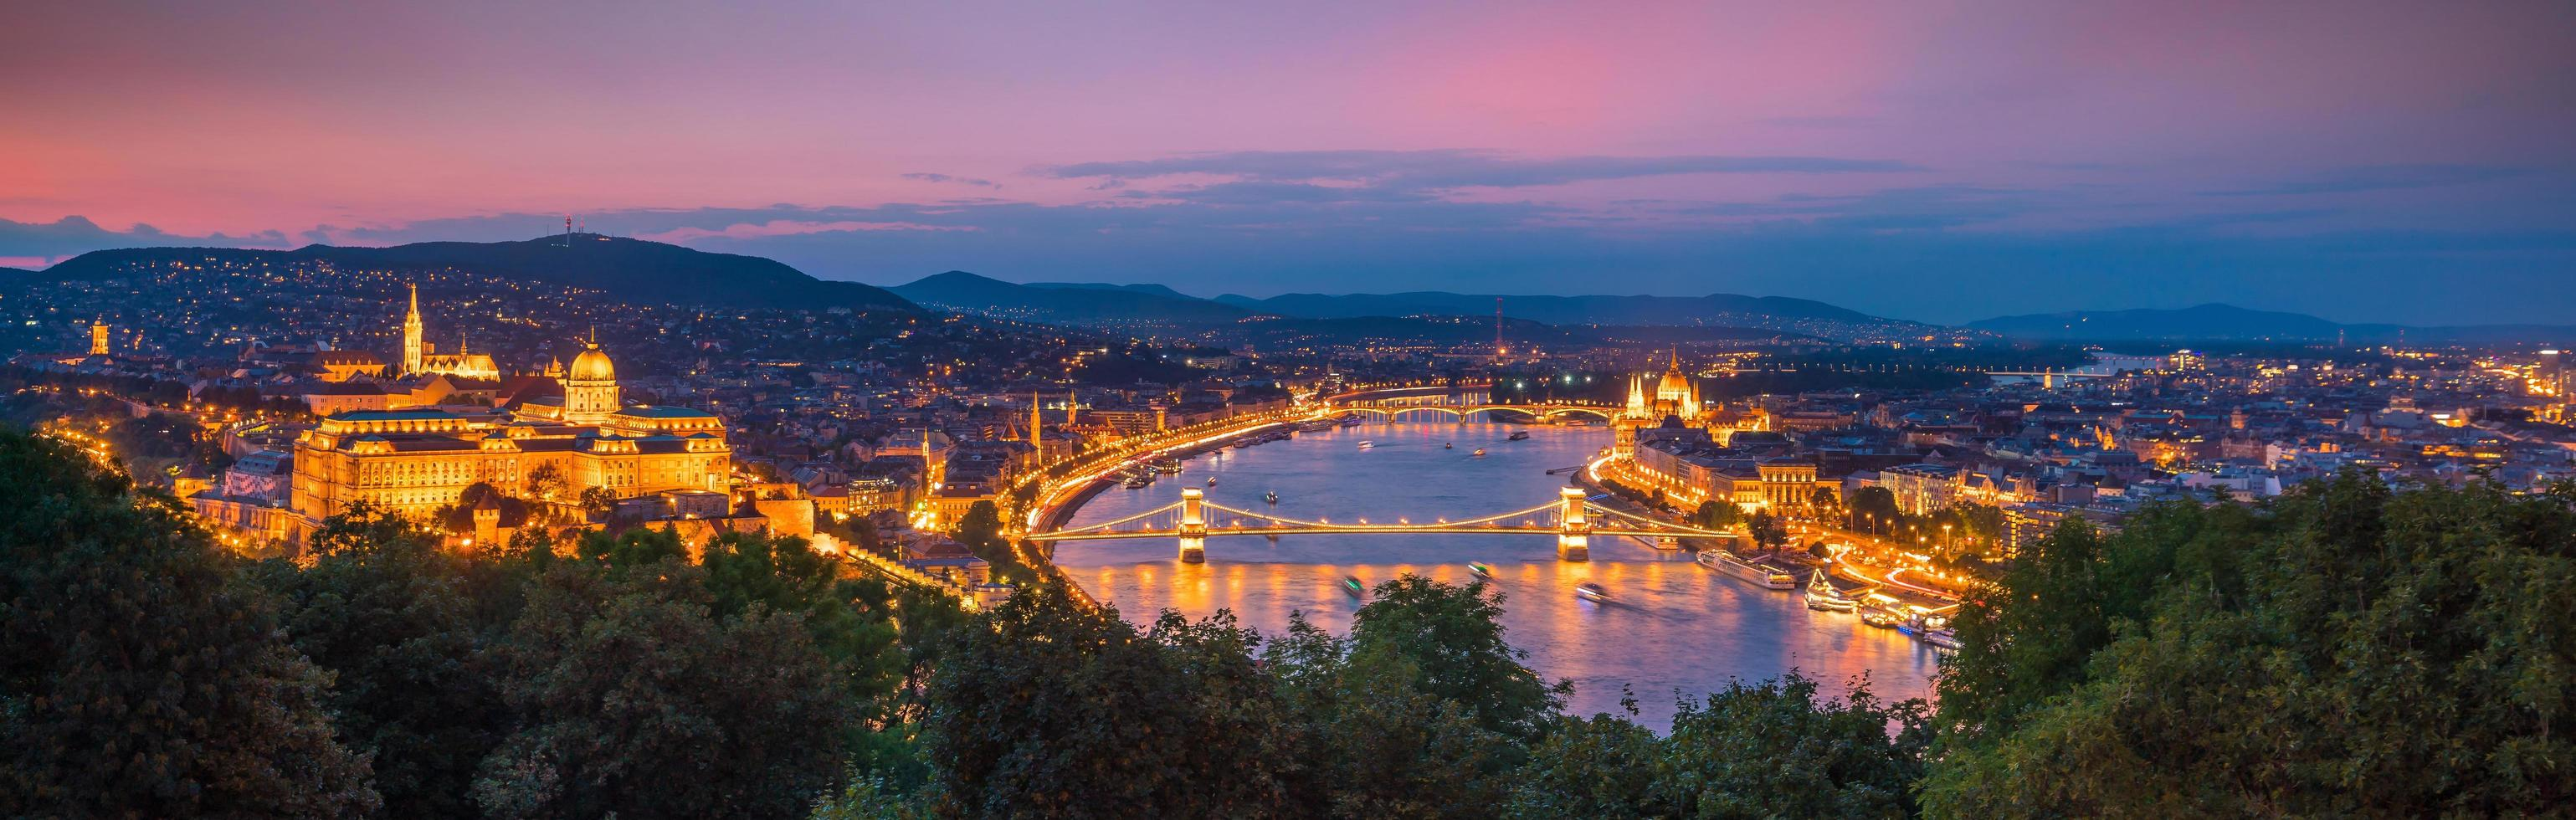 Skyline de Budapest en Hongrie au crépuscule photo